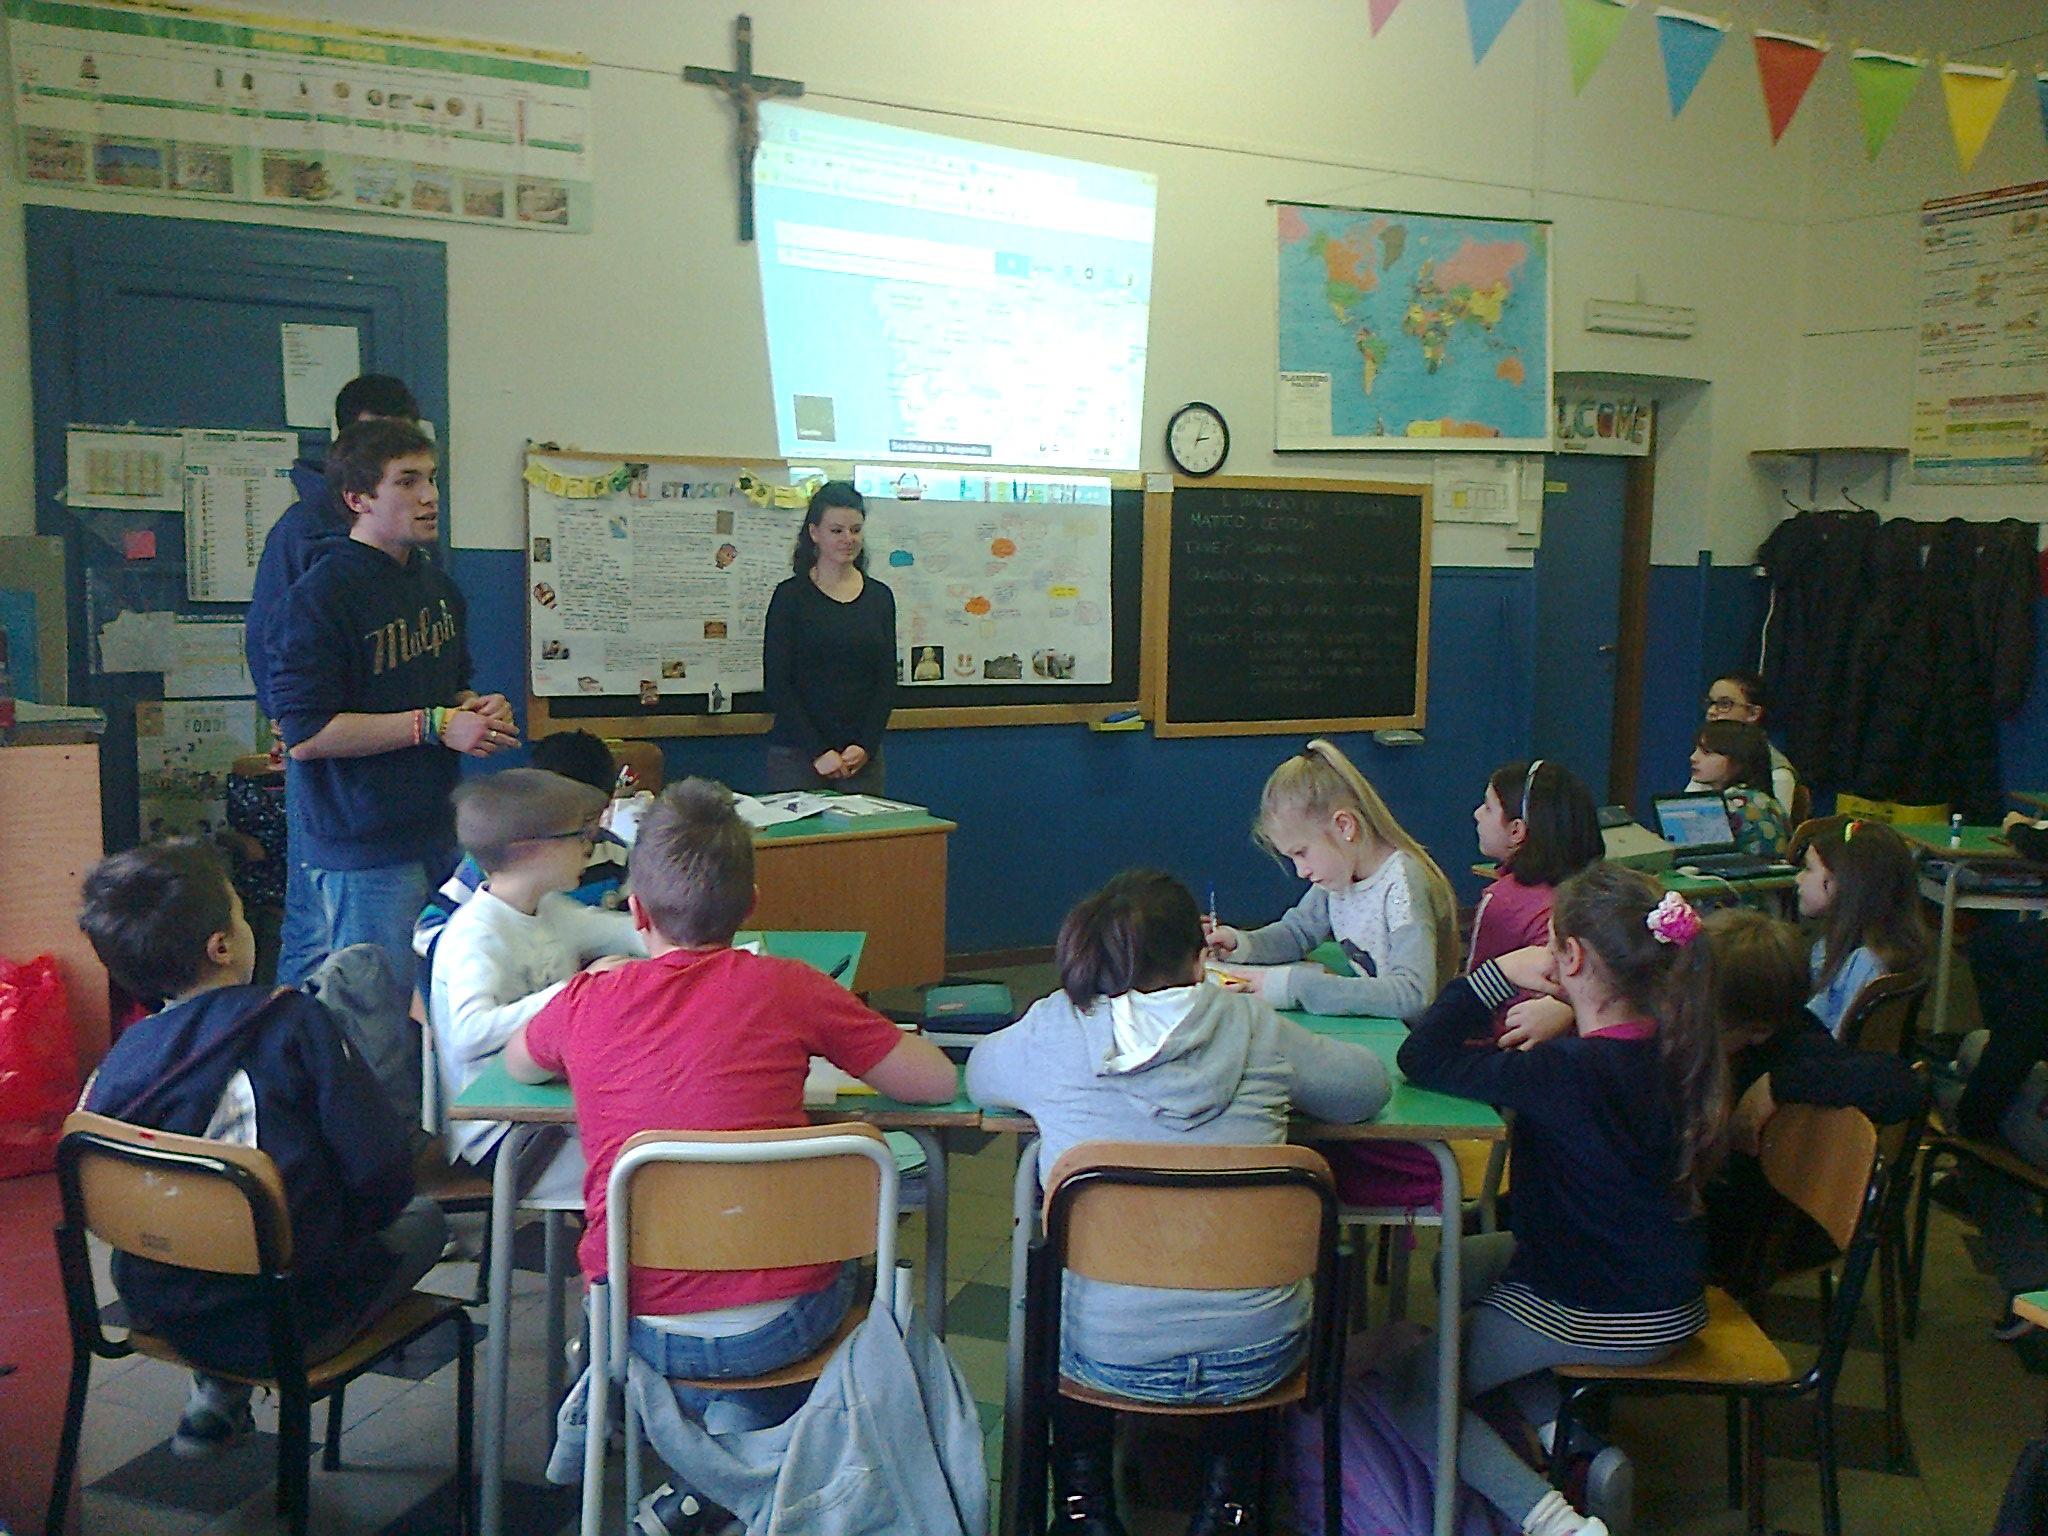 """""""Luci per guidare l'umanità"""" dalla 5C scuola primaria """"Carlo Collodi"""" • Rondissone (To)"""